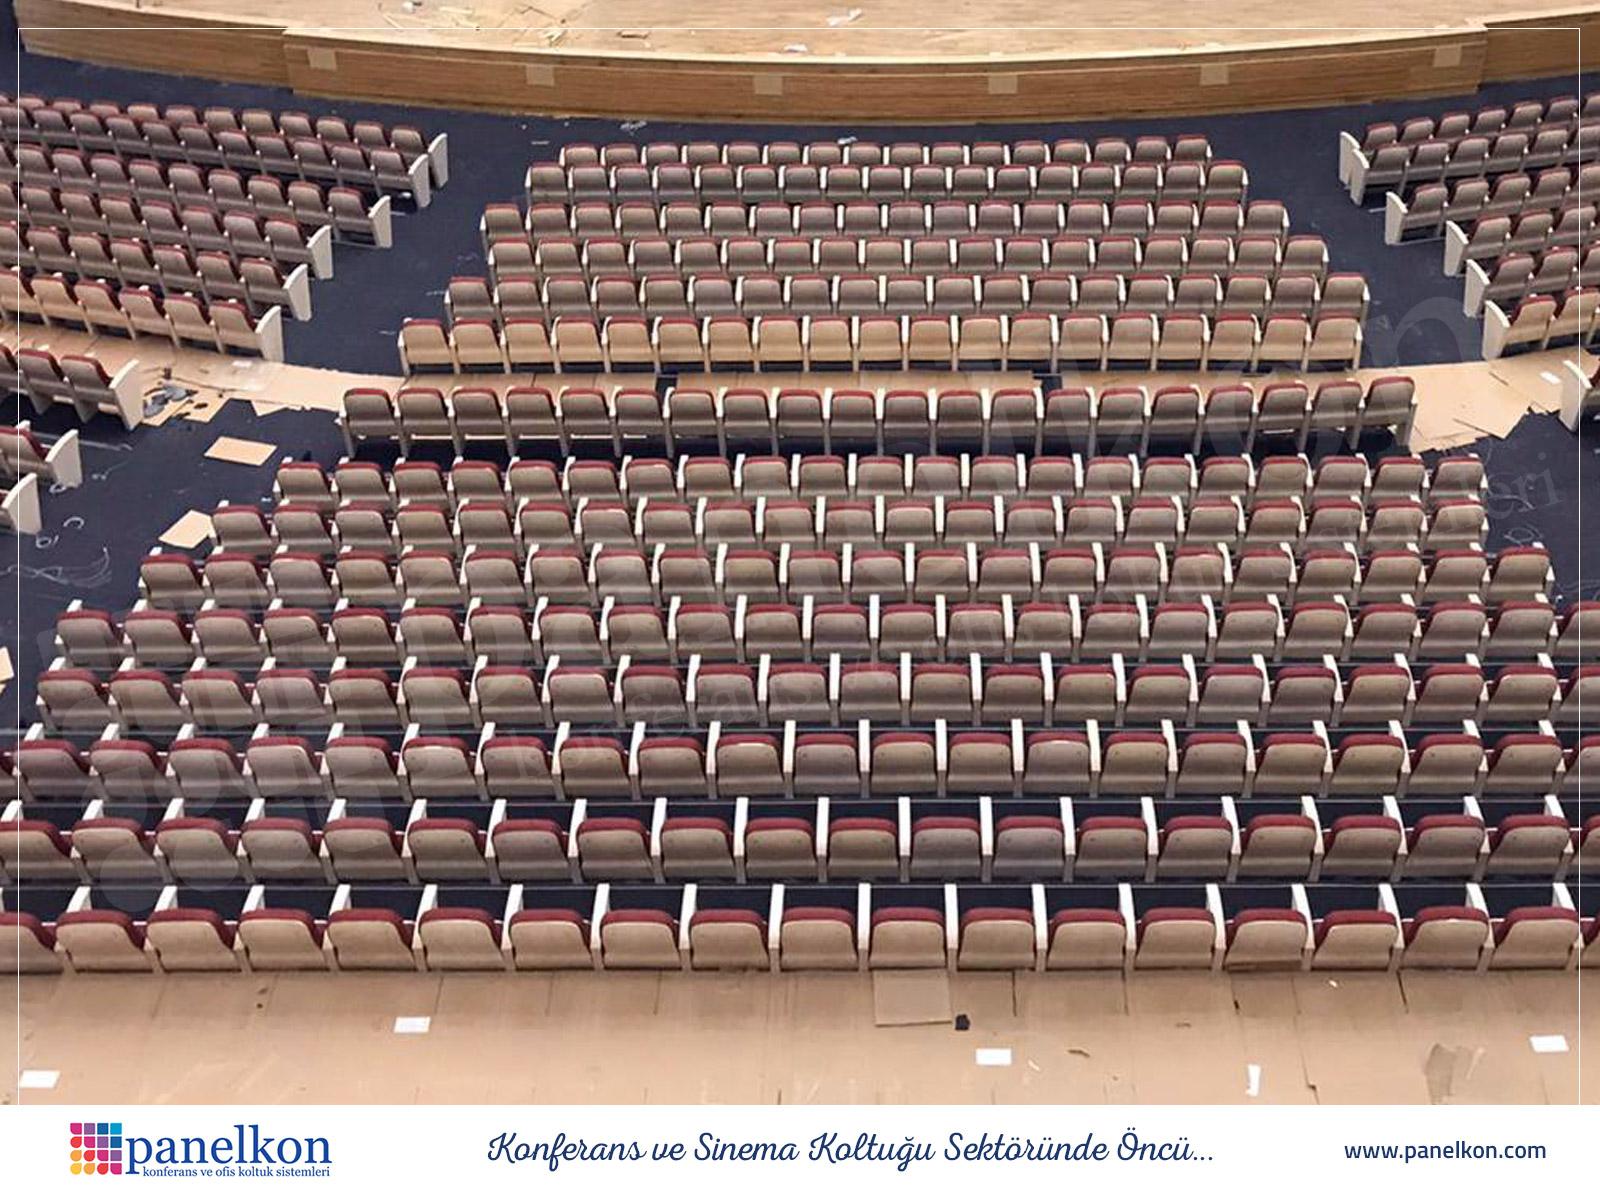 kayseri-kültür-merkezi-konferans-salonu-koltuklari-8